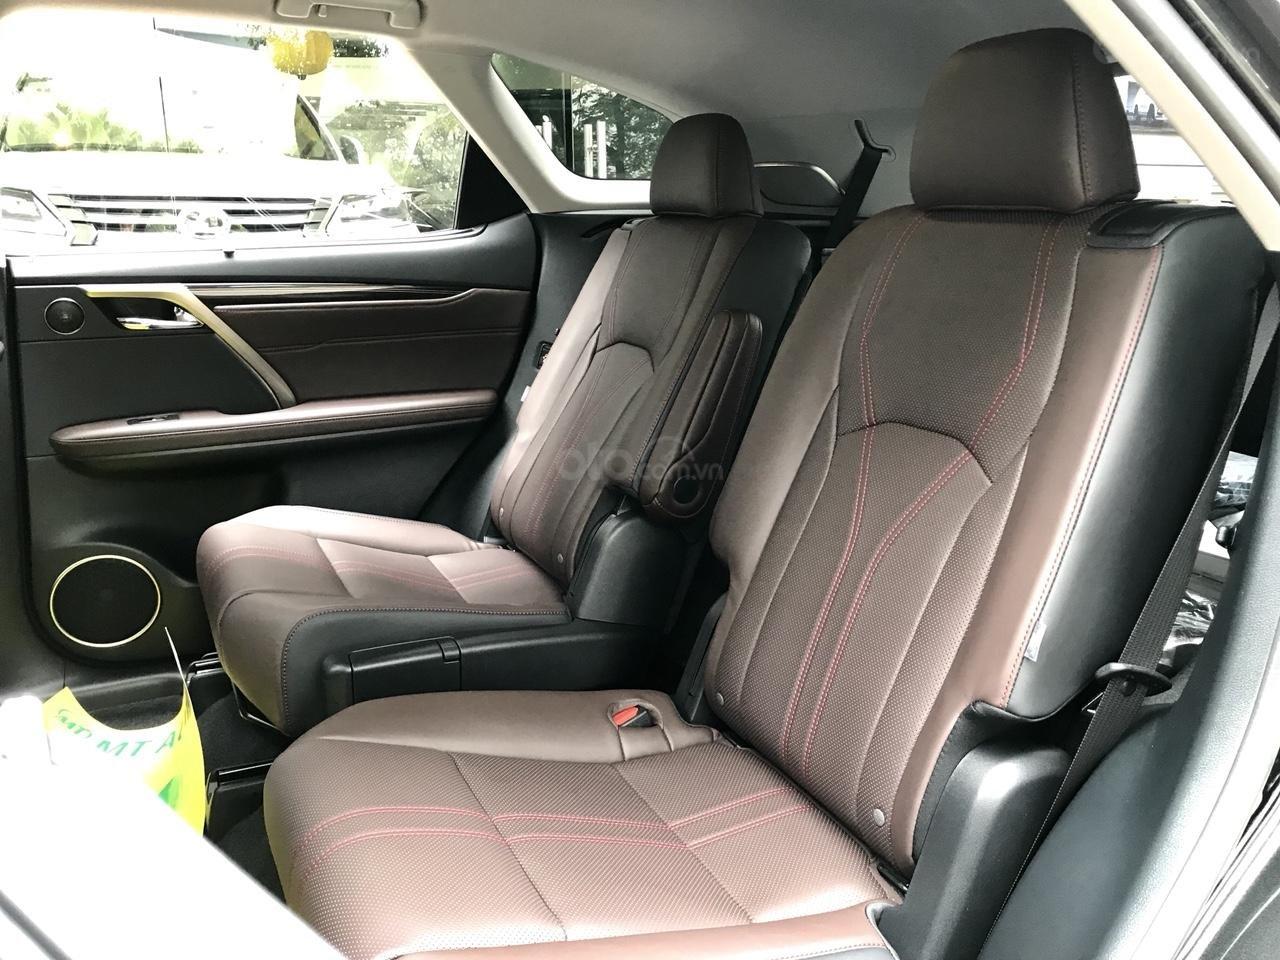 Bán Lexus RX 350L 6 chỗ đời 2019, xe nhập Mỹ, giá tốt, giao ngay, LH 094.539.2468 Ms Hương (24)